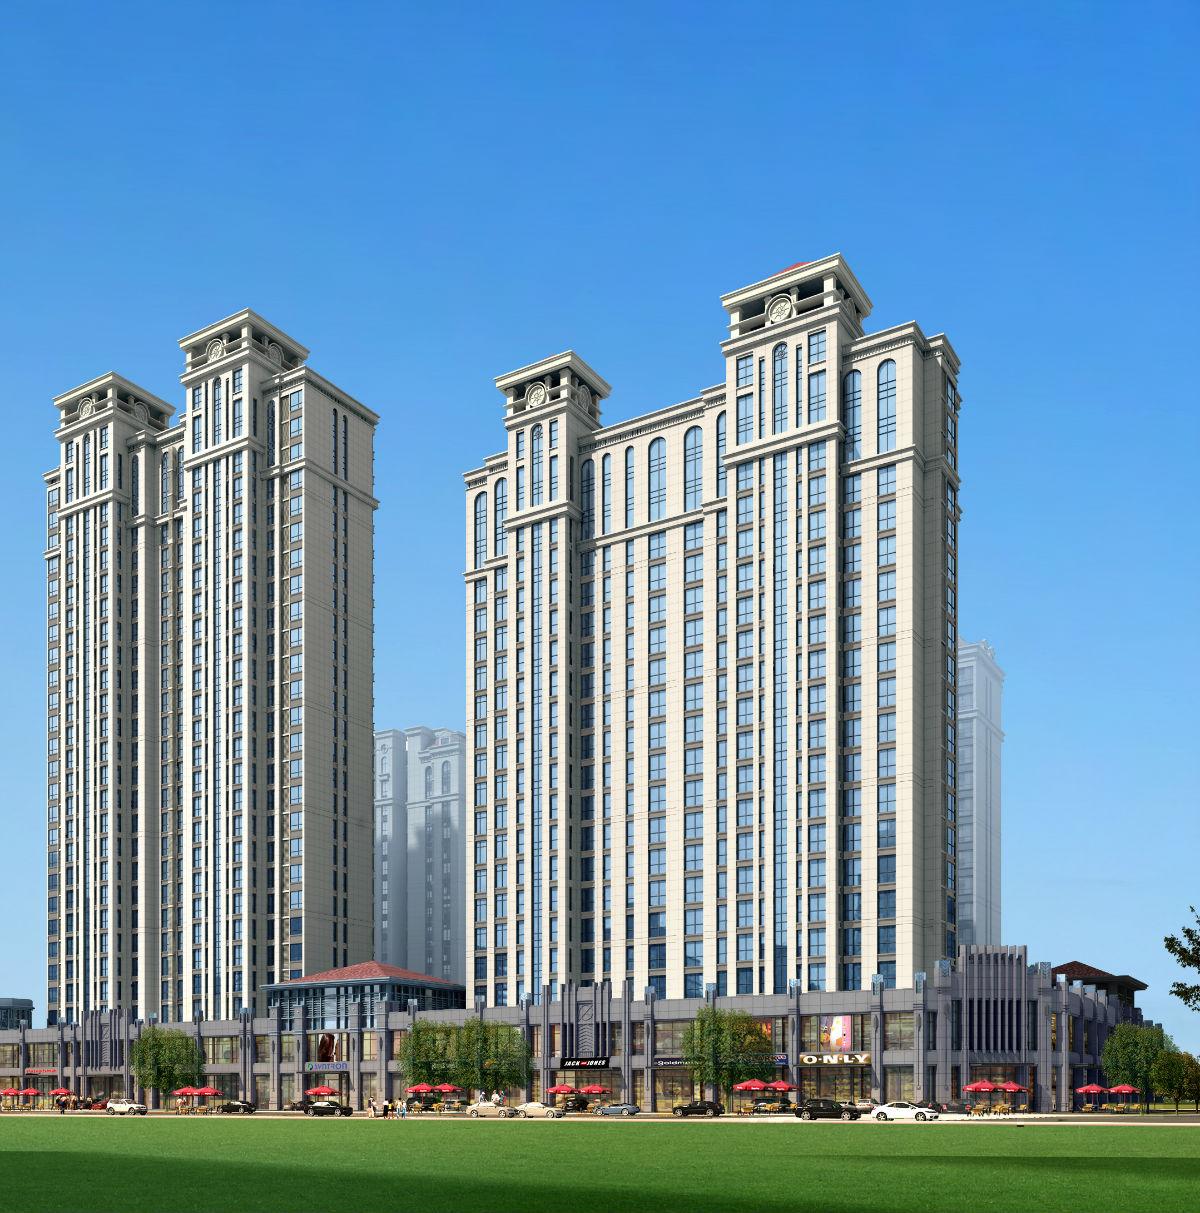 城市之上——岚山cld首席高适居性上品名宅图片